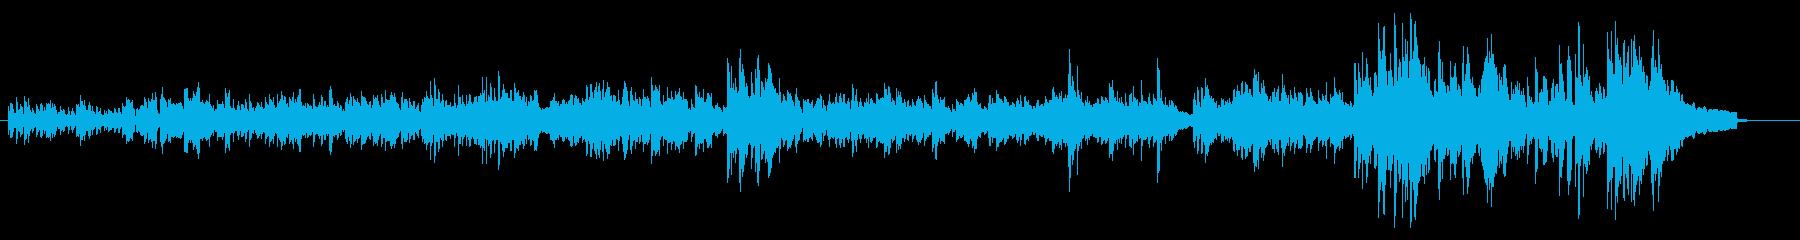 バッハのインベイジョン2番の再生済みの波形